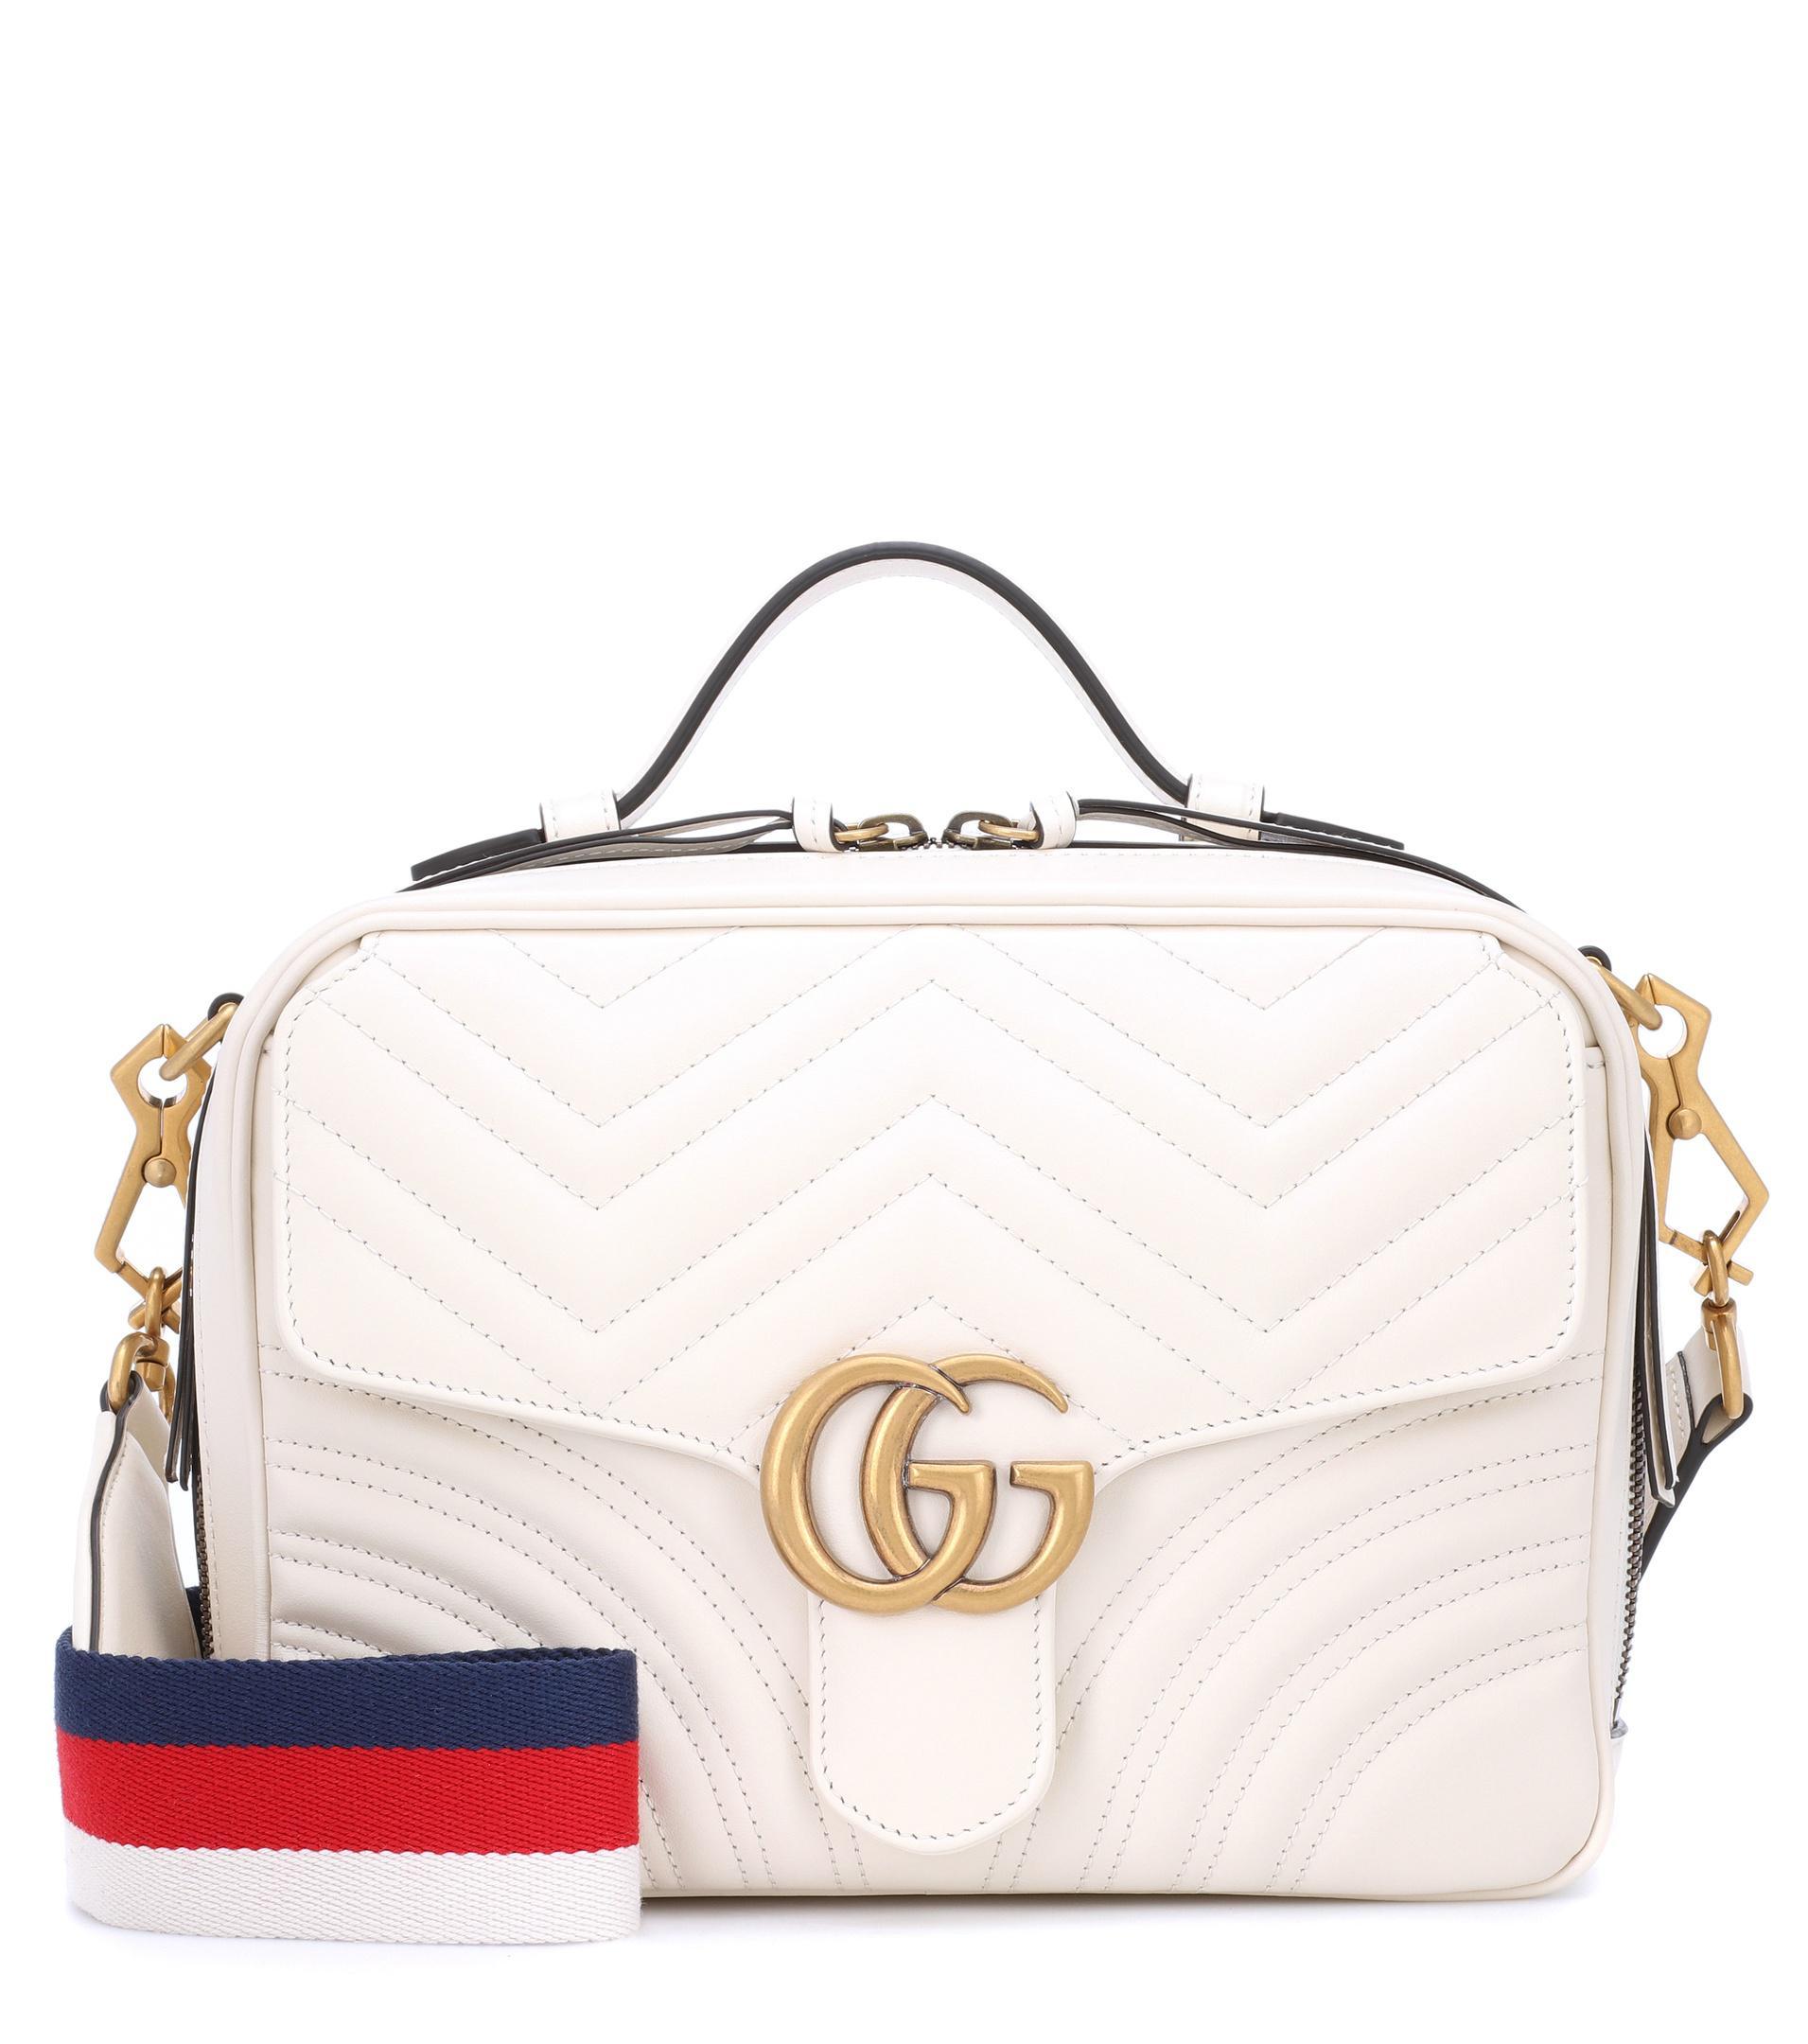 Lyst - Sac à bandoulière en cuir GG Marmont Small Gucci en coloris Blanc 48c7676fdcb